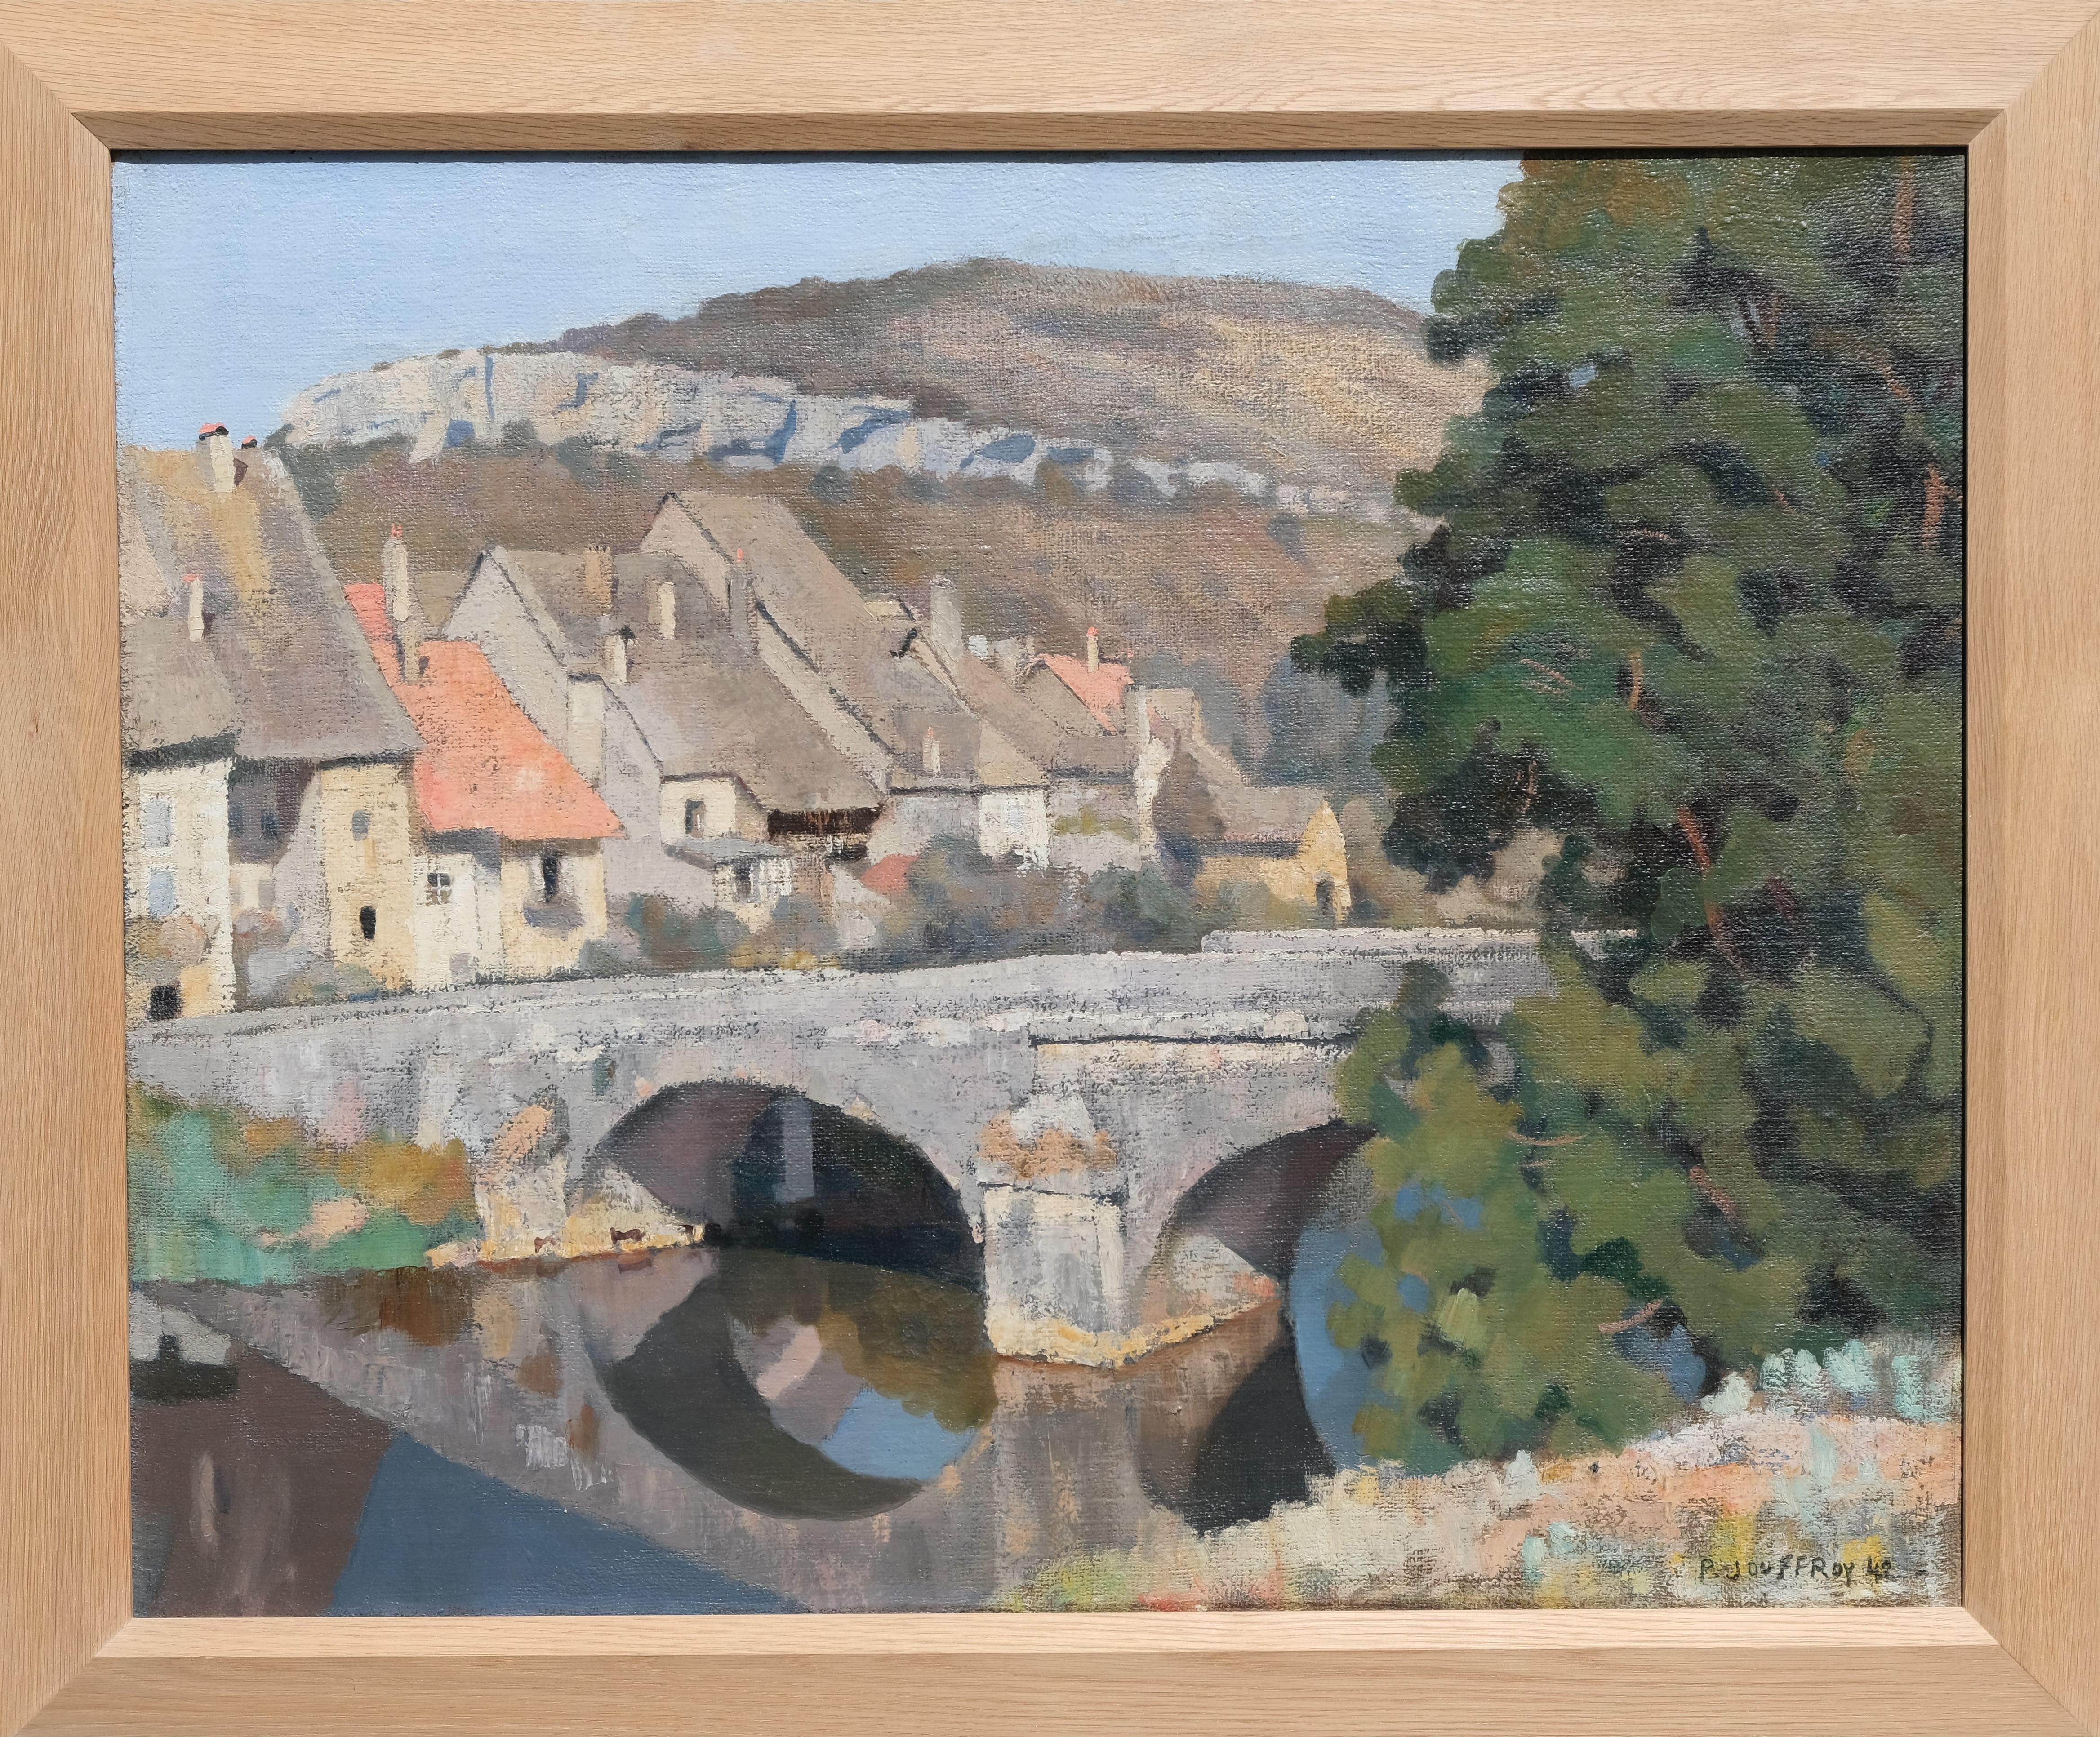 JOUFFROY Pierre (Voujeaucourt, 1912-2000). Ornans, le Pont de Nahin. Huile sur toile. Signée en